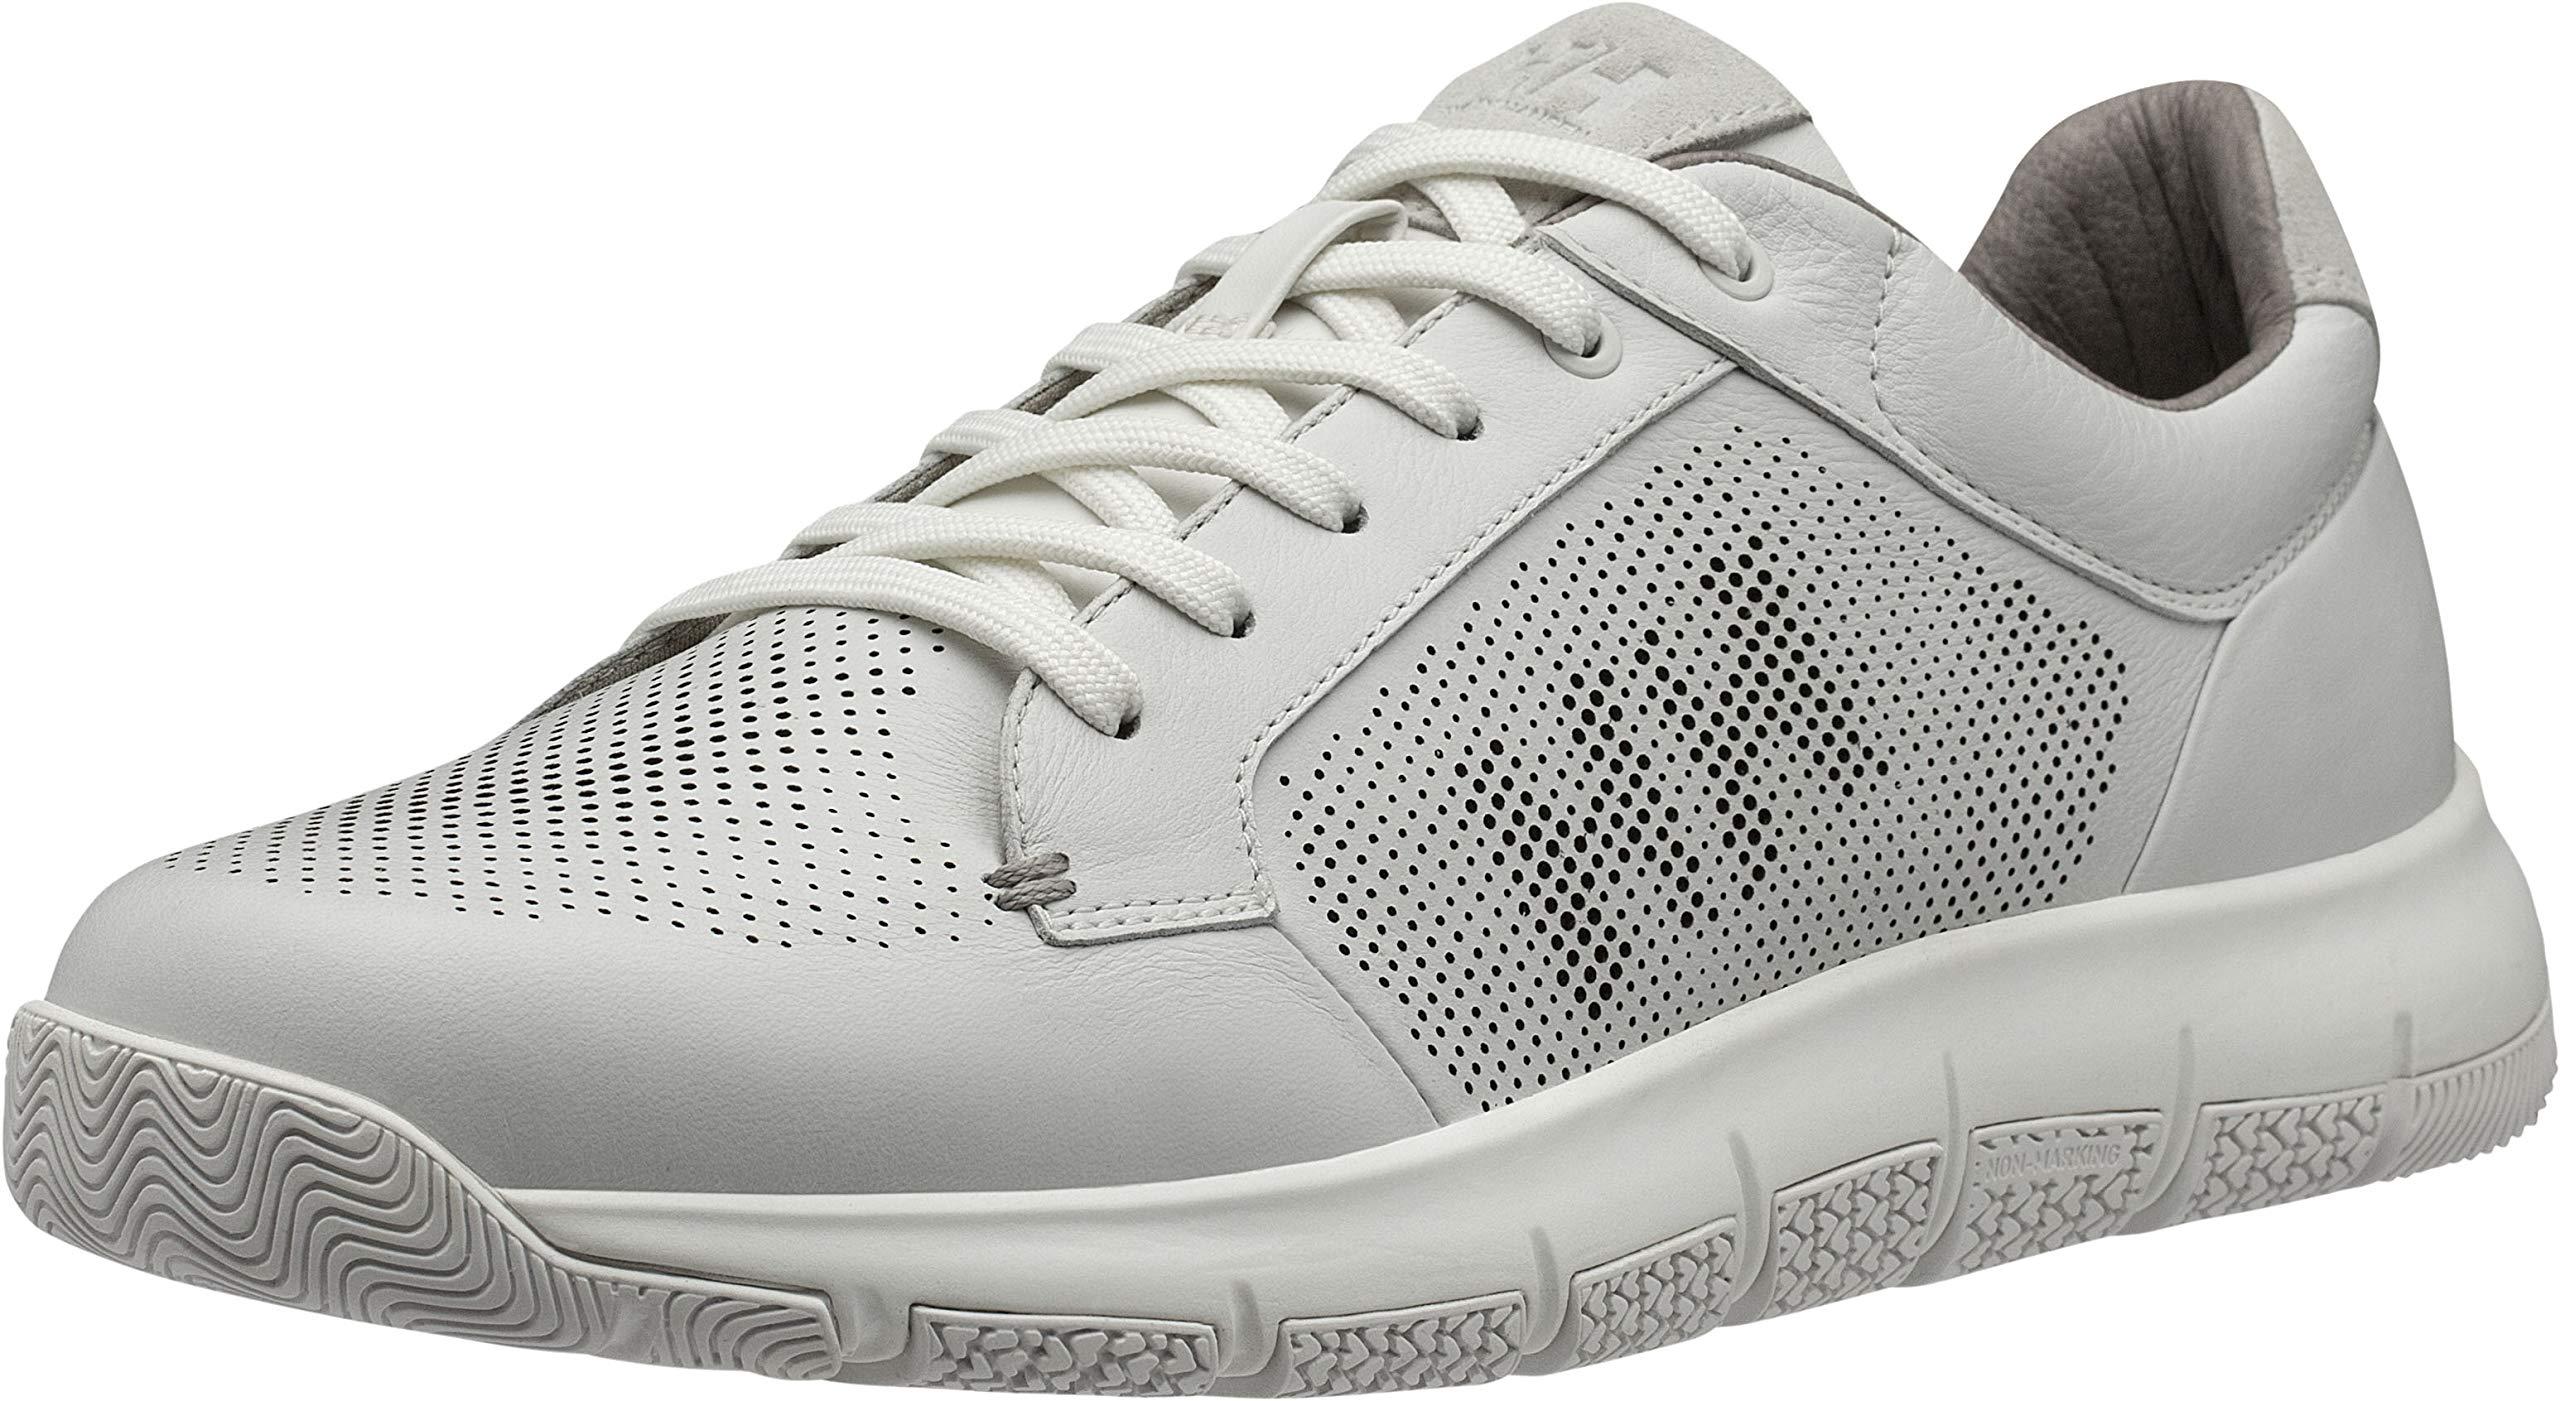 Helly Hansen Men's Skagen Pier Leather Shoe, Off White/Aluminum, 11 by Helly Hansen